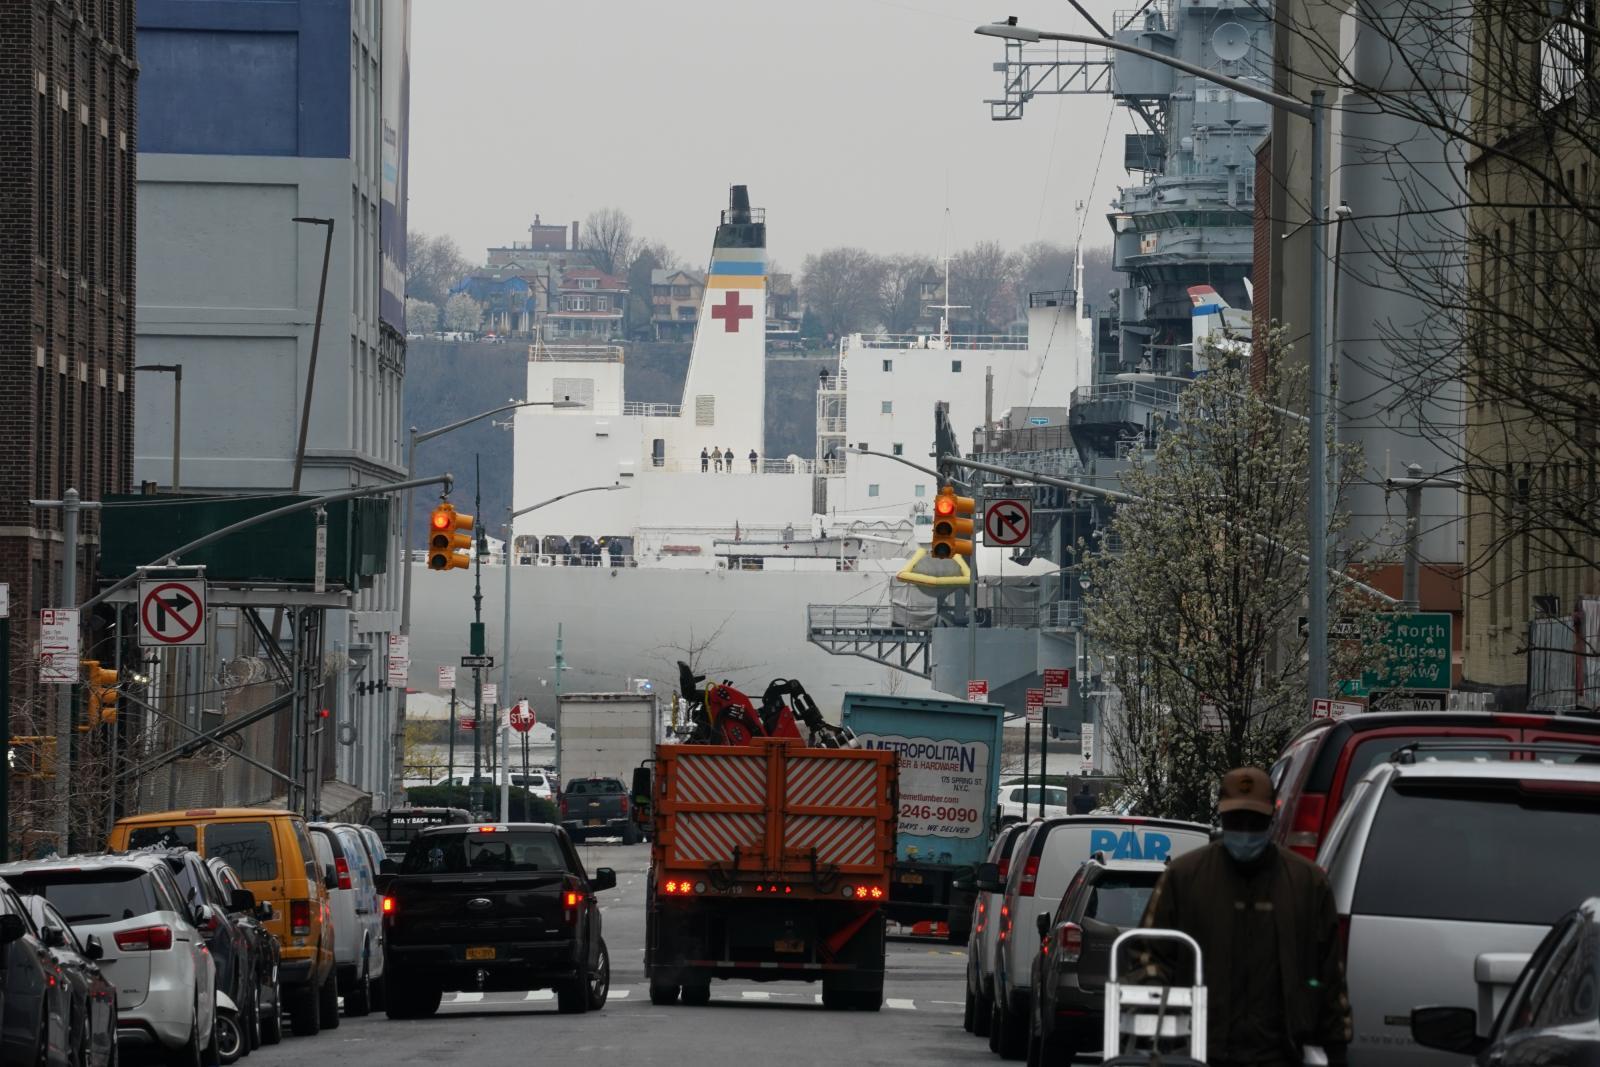 เจาะลึกปฏิบัติการณ์  The USNS Comfort navy hospital ship  เทียบท่านิวยอร์กช่วยกู้วิกฤตโควิด-19